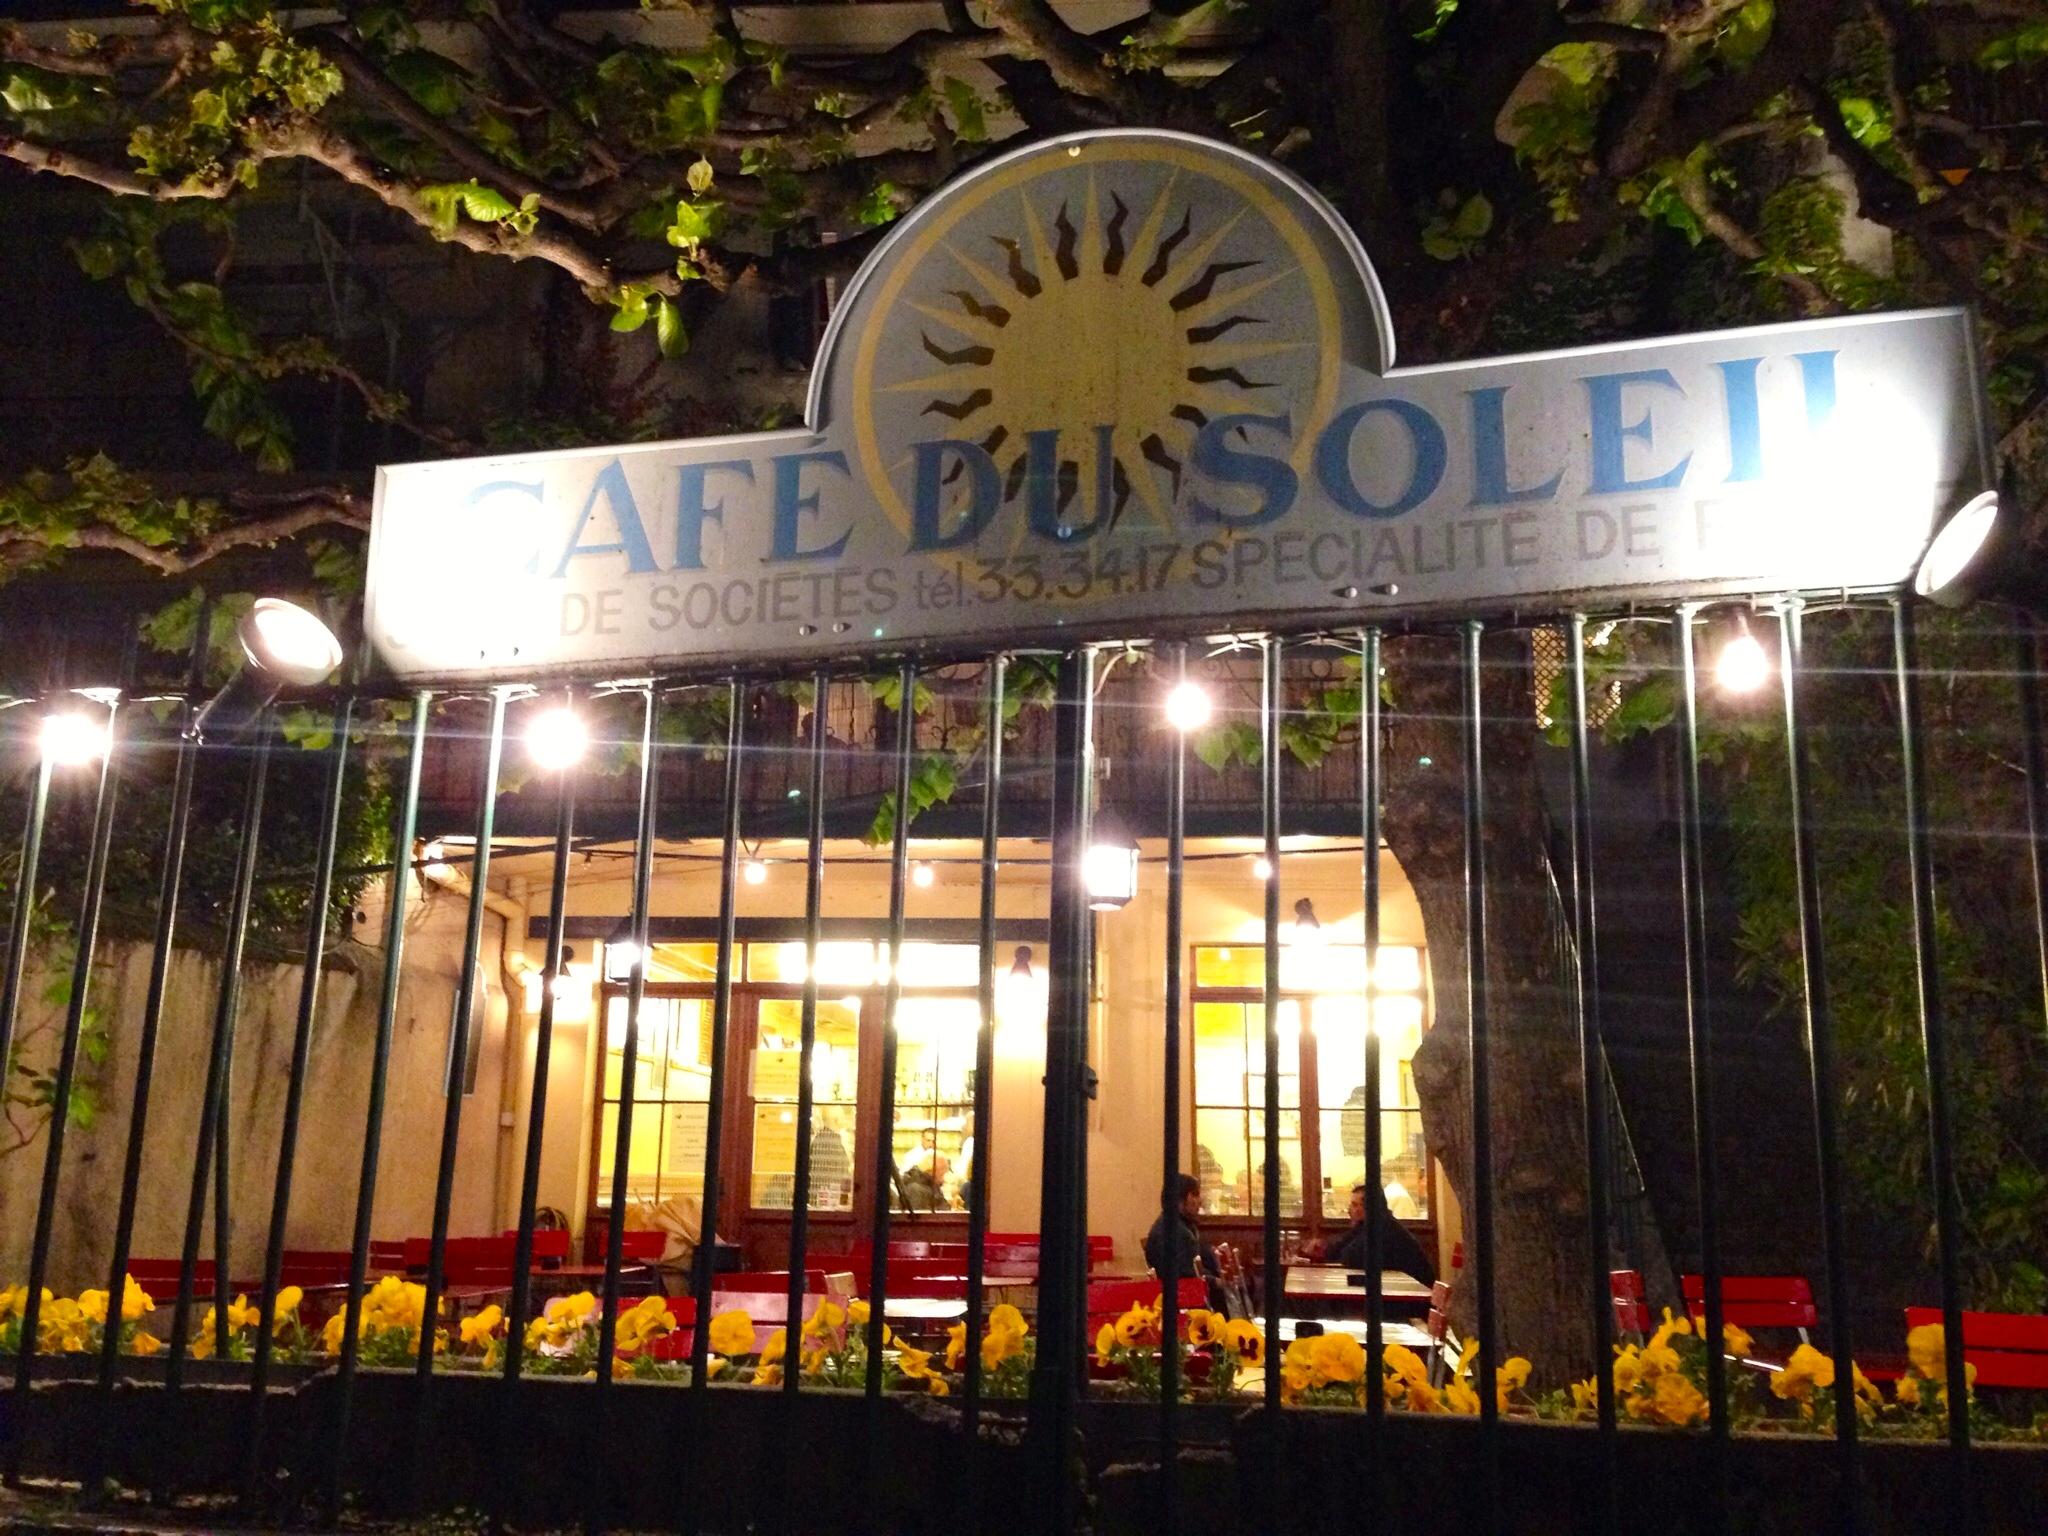 Фондю ресторант Cafe du Soleil в Женева | Fondue.bg